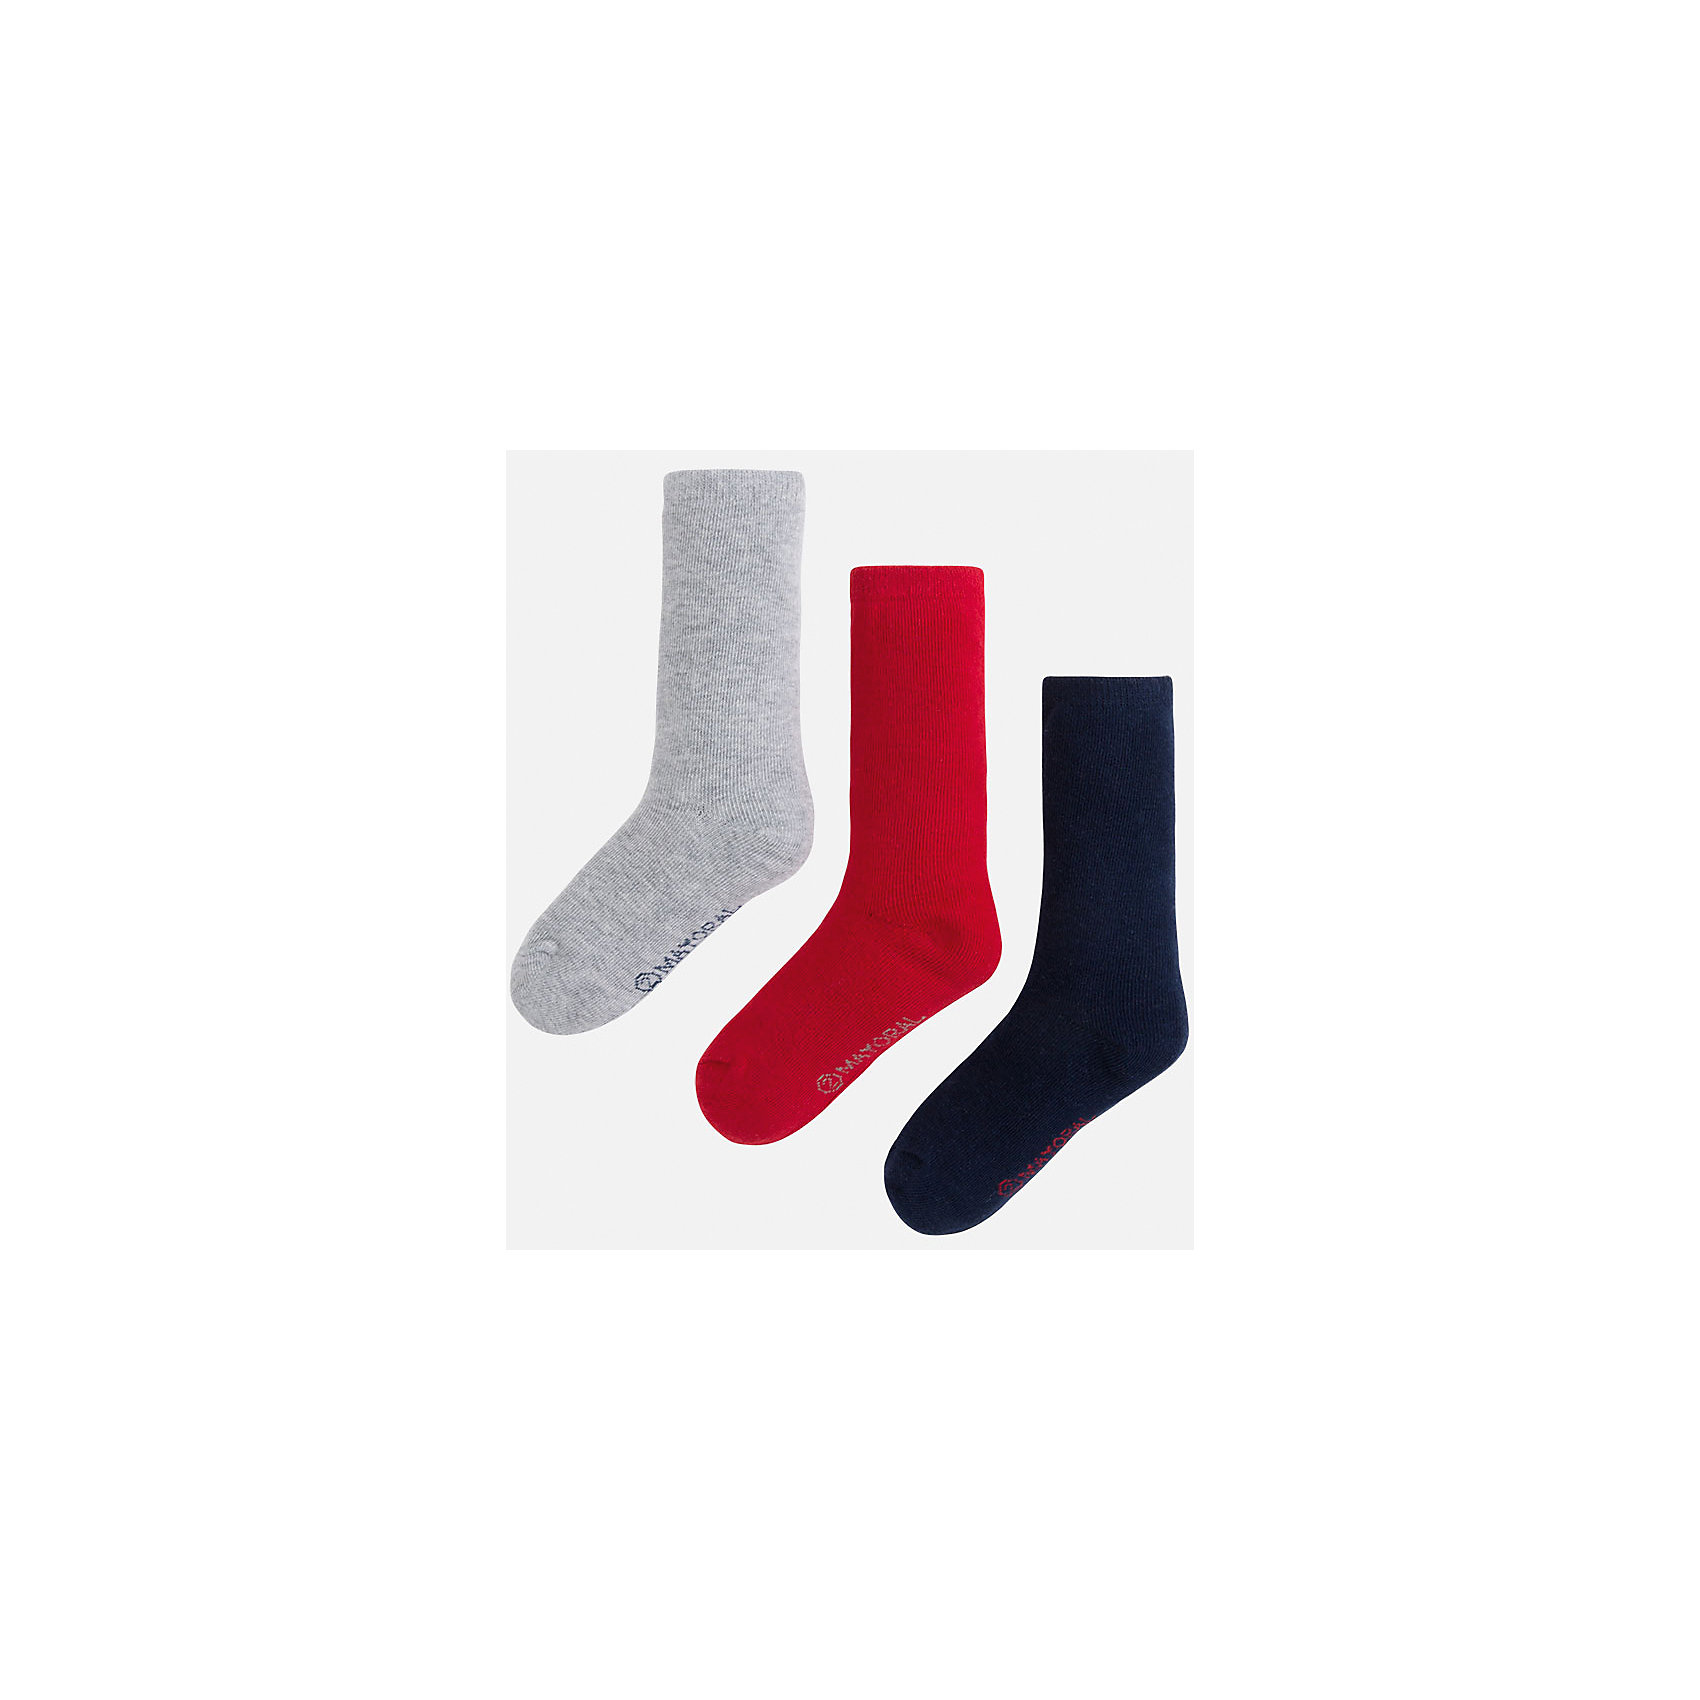 Носки для мальчика, 3 парыНоски<br>Комплект из 3 пар носков для мальчика от известного испанского бренда Mayoral. Изготовлены из качественных и дышащим материалов. Однотонные носки - отличный вариант на каждый день!<br>Дополнительная информация:<br>-цвет: серый; красный; темно-синий<br>-состав: 75% хлопок, 23% полиэстер, 2% эластан<br>Комплект носков Mayoral можно приобрести в нашем интернет-магазине.<br><br>Ширина мм: 87<br>Глубина мм: 10<br>Высота мм: 105<br>Вес г: 115<br>Цвет: бордовый<br>Возраст от месяцев: 84<br>Возраст до месяцев: 96<br>Пол: Мужской<br>Возраст: Детский<br>Размер: 8,6,4<br>SKU: 4820153